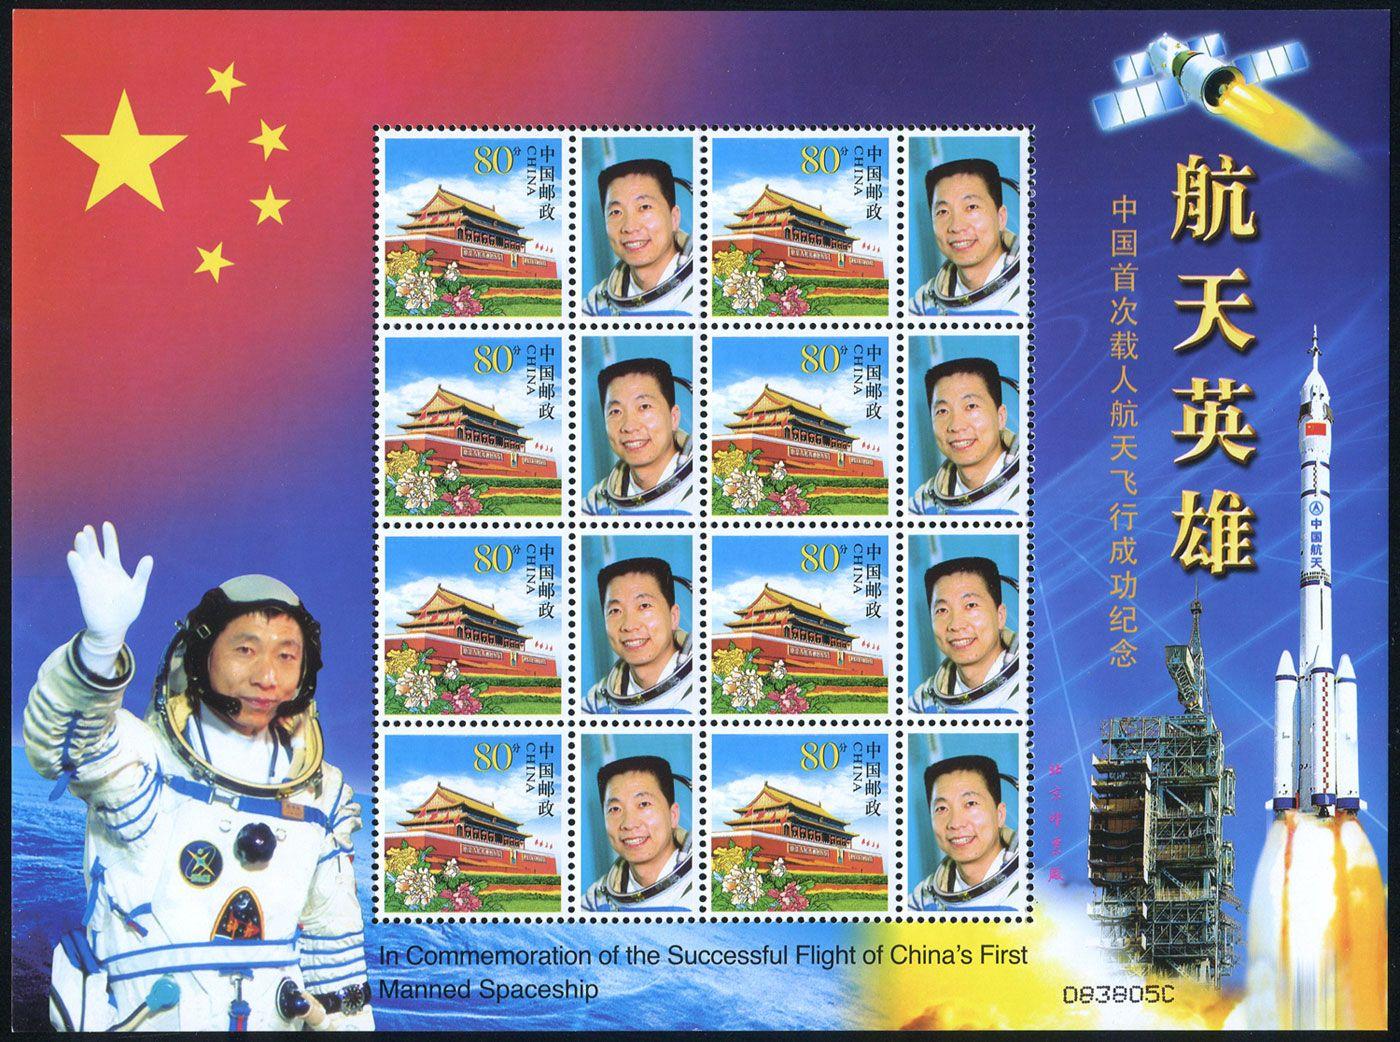 神舟五号首次载人航天飞行成功个性化小版 LFY